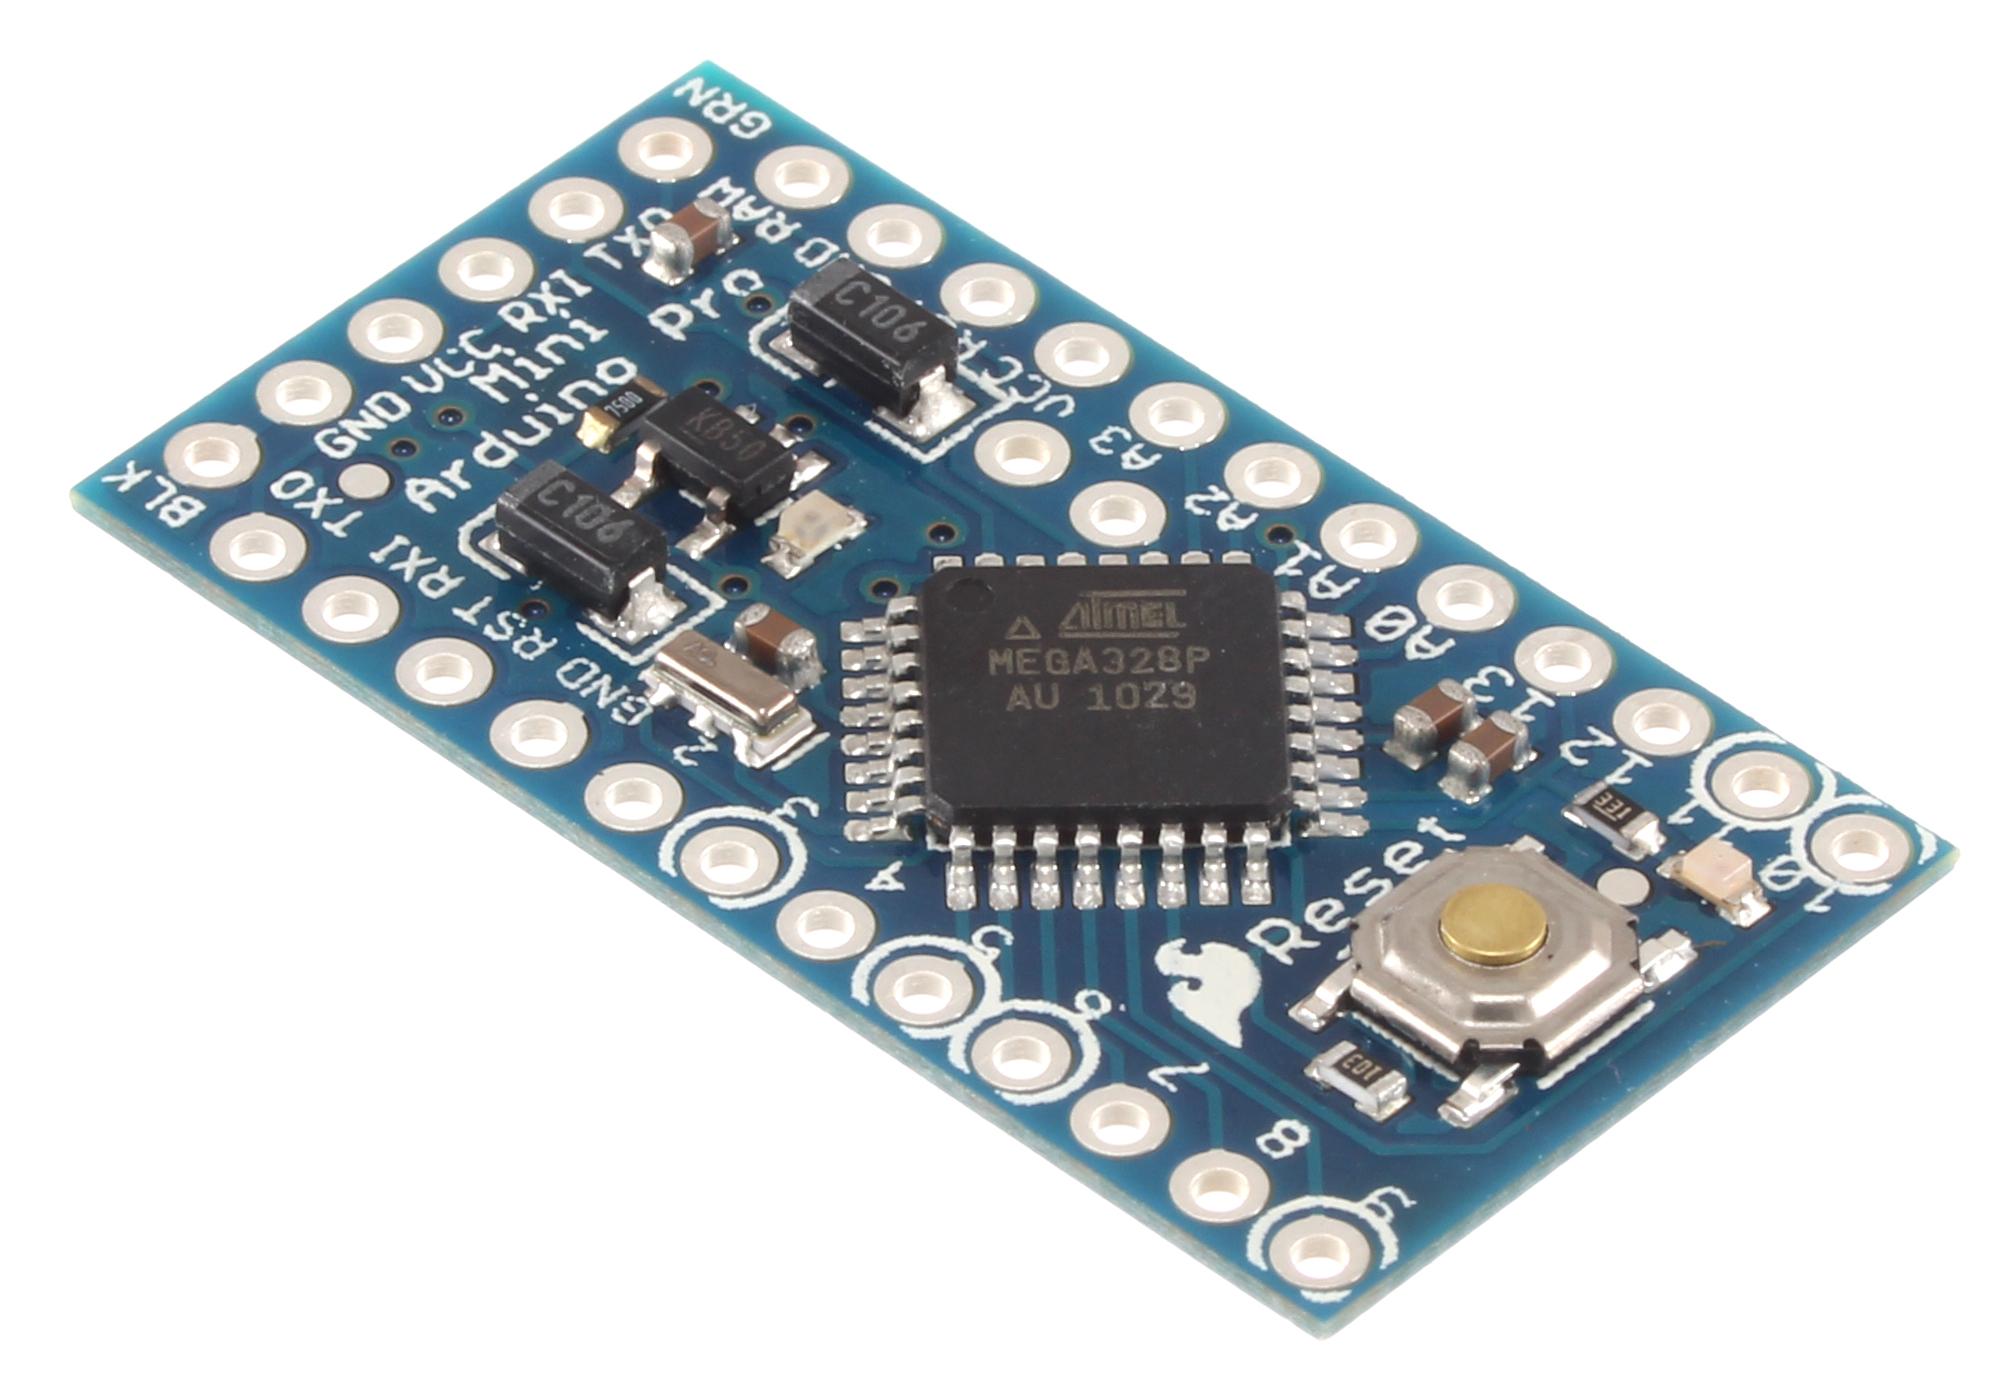 Programming Arduino Mini Pro with FTDI USB-to-TTL